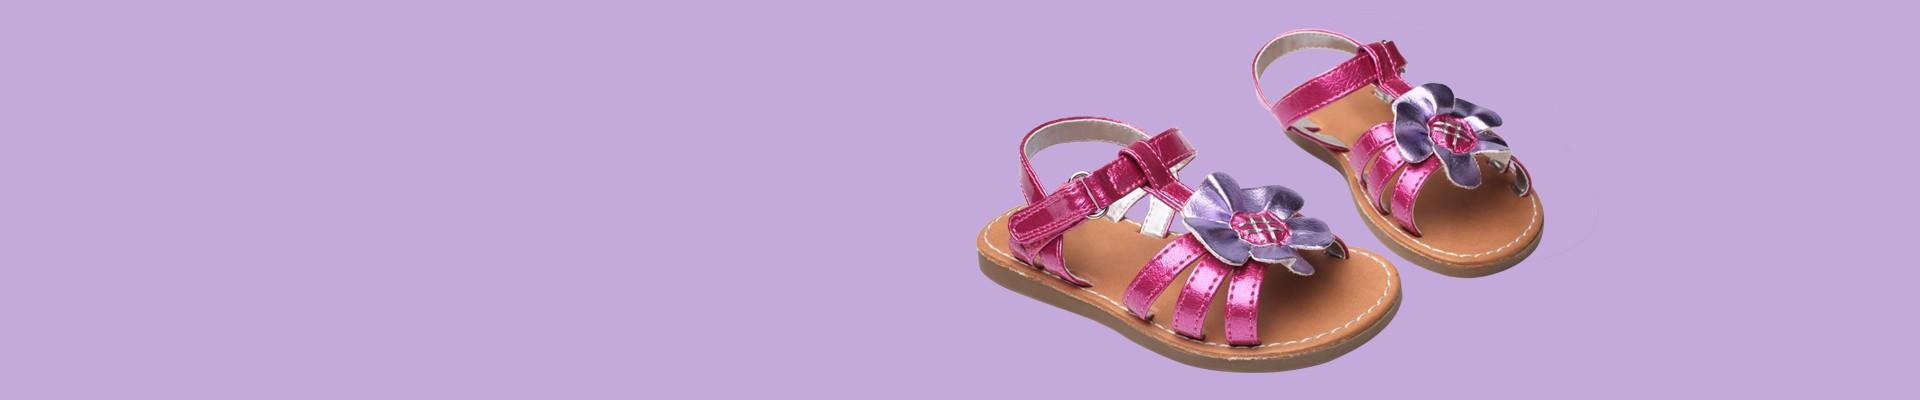 Jual Sepatu Sandal Anak Perempuan Model Terbaru